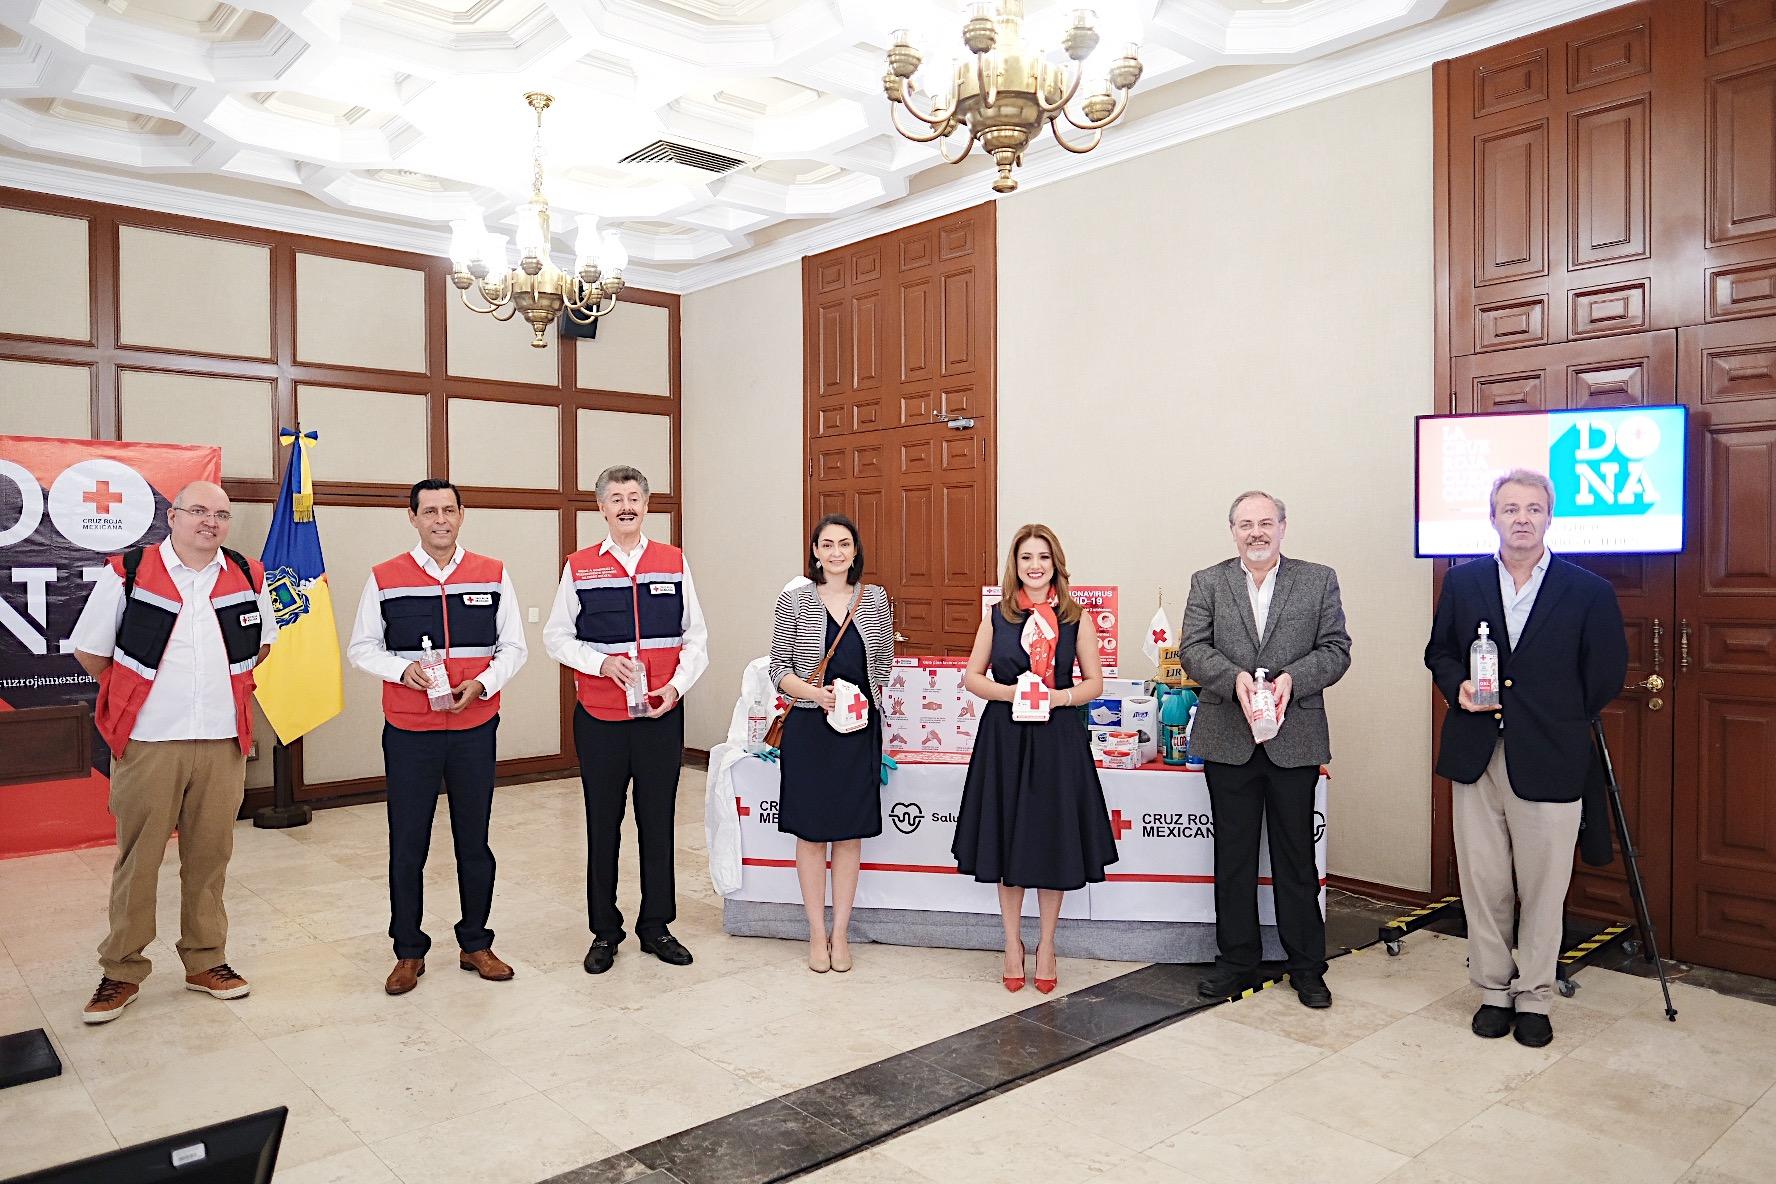 Gobierno del Estado da banderazo de arranque a la Colecta anual de la Cruz Roja en Jalisco, este año la institución se prepara para brindar apoyo ante el COVID-19